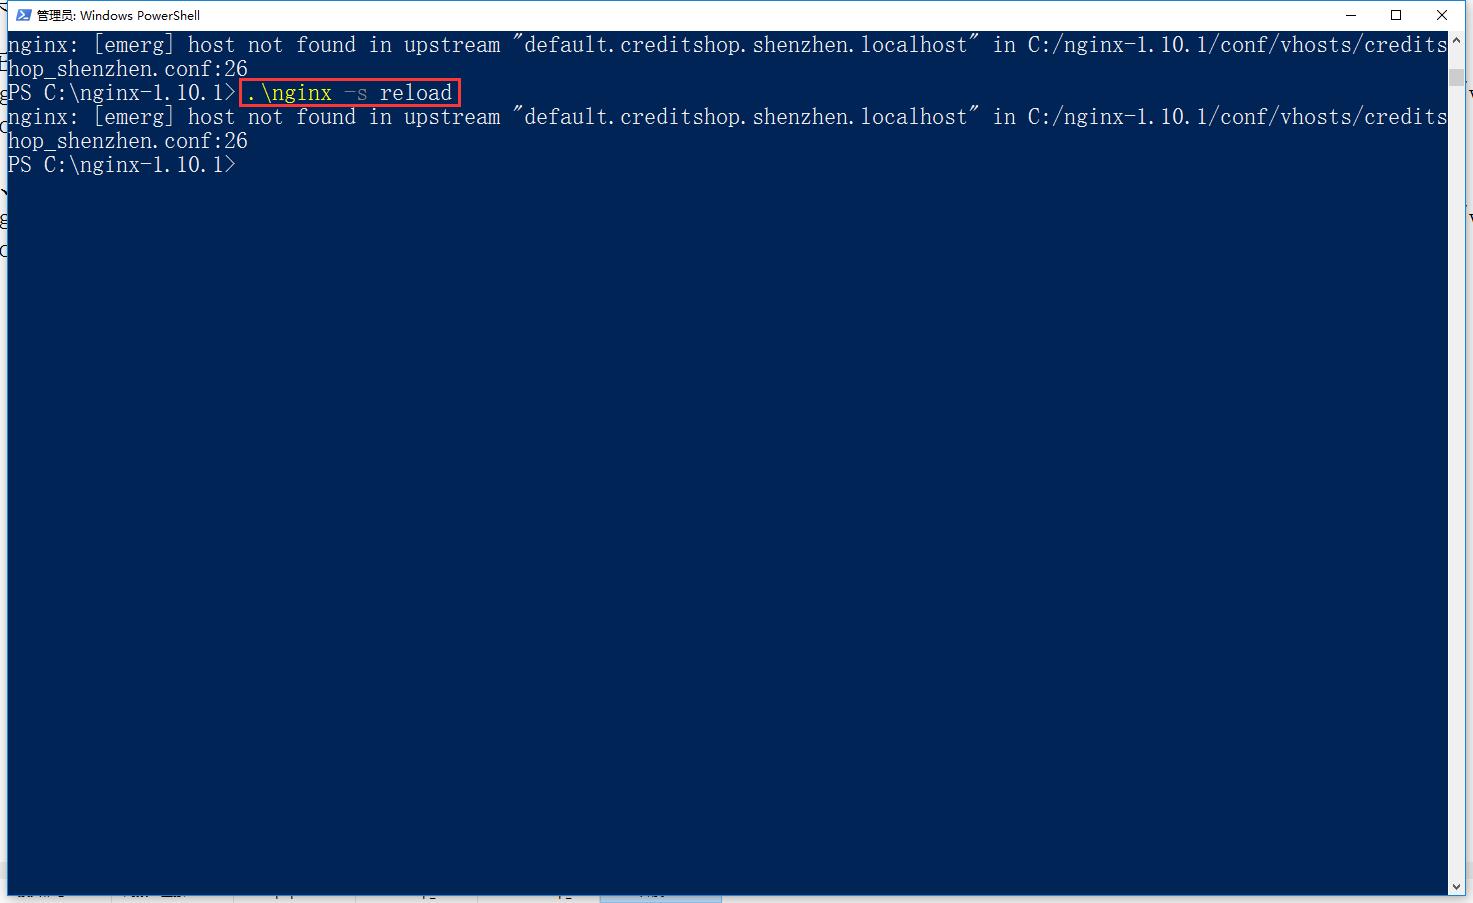 """在 Windows 10、Nginx 1.10.1 下,执行命令:nginx -s reload,重新加载 Nginx 配置,报错: nginx: [emerg] host not found in upstream """"default.creditshop.shenzhen.localhost"""" in C:/nginx-1.10.1/conf/vhosts/credits hop_shenzhen.conf:26"""